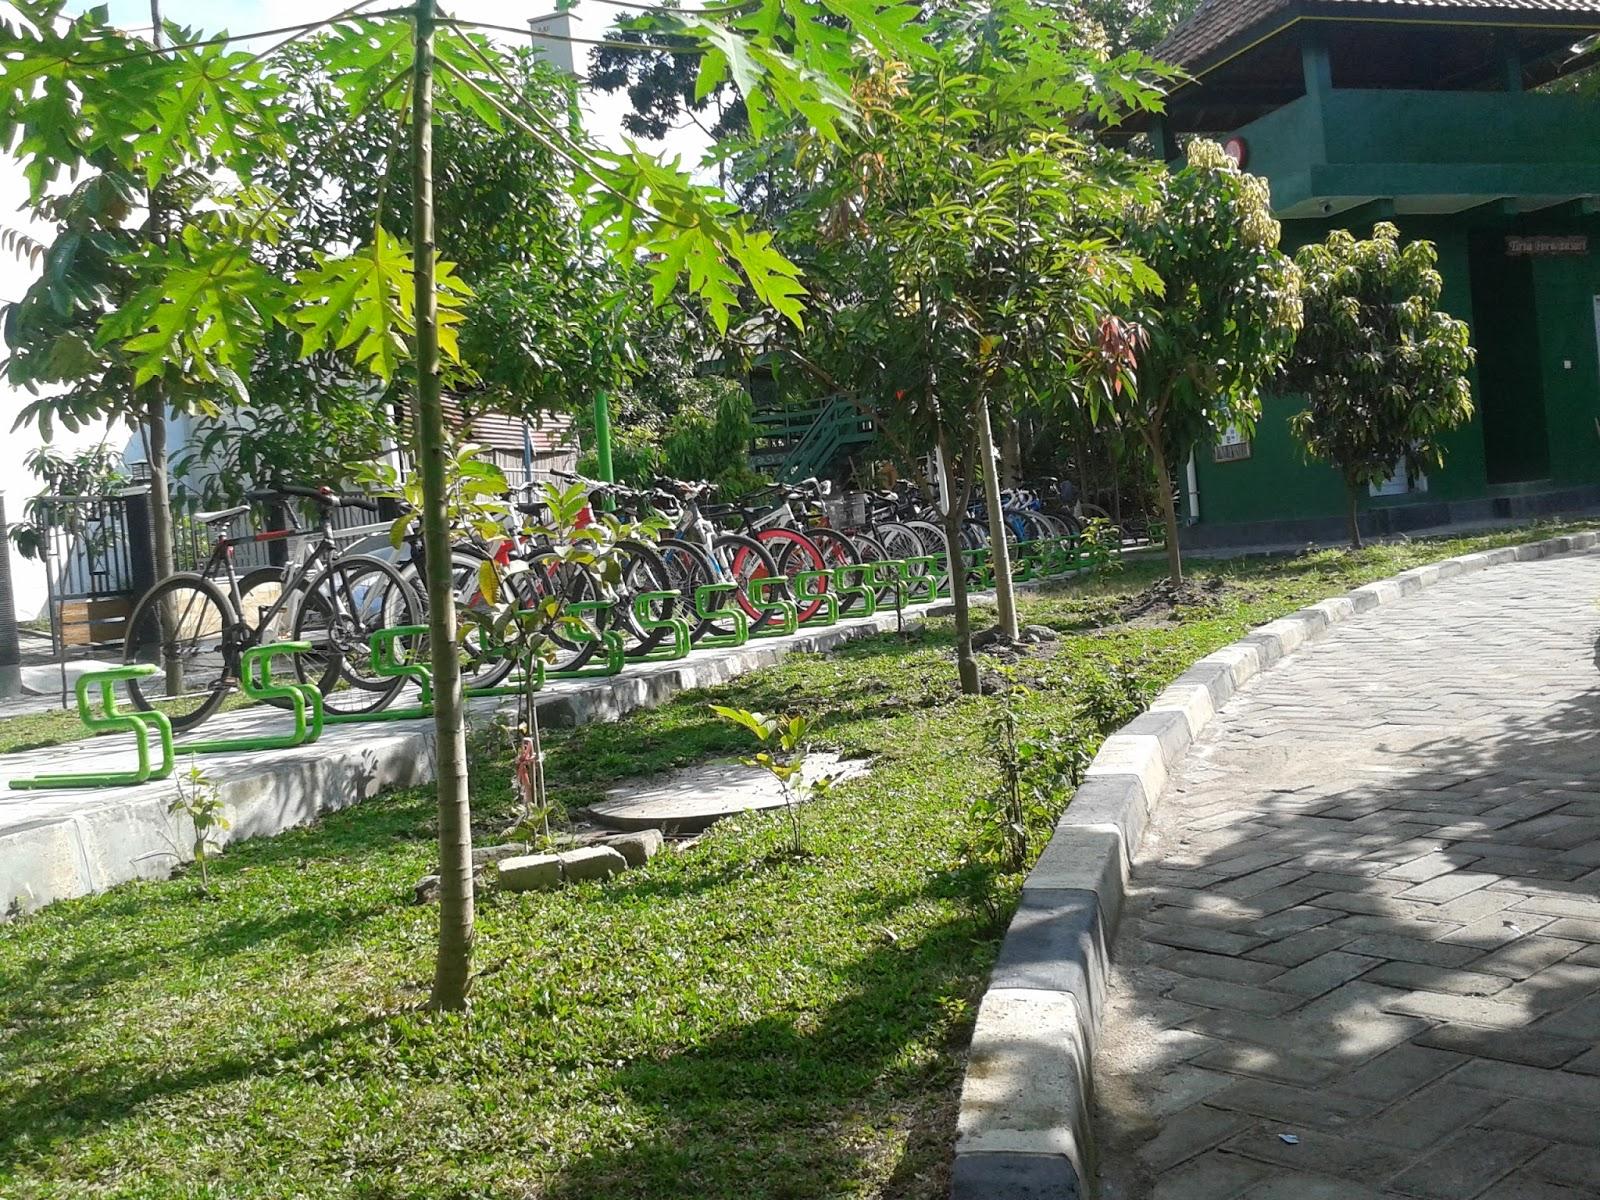 Tempat parkir sepeda tersusun rapi di Kampung Hijau Gambiran